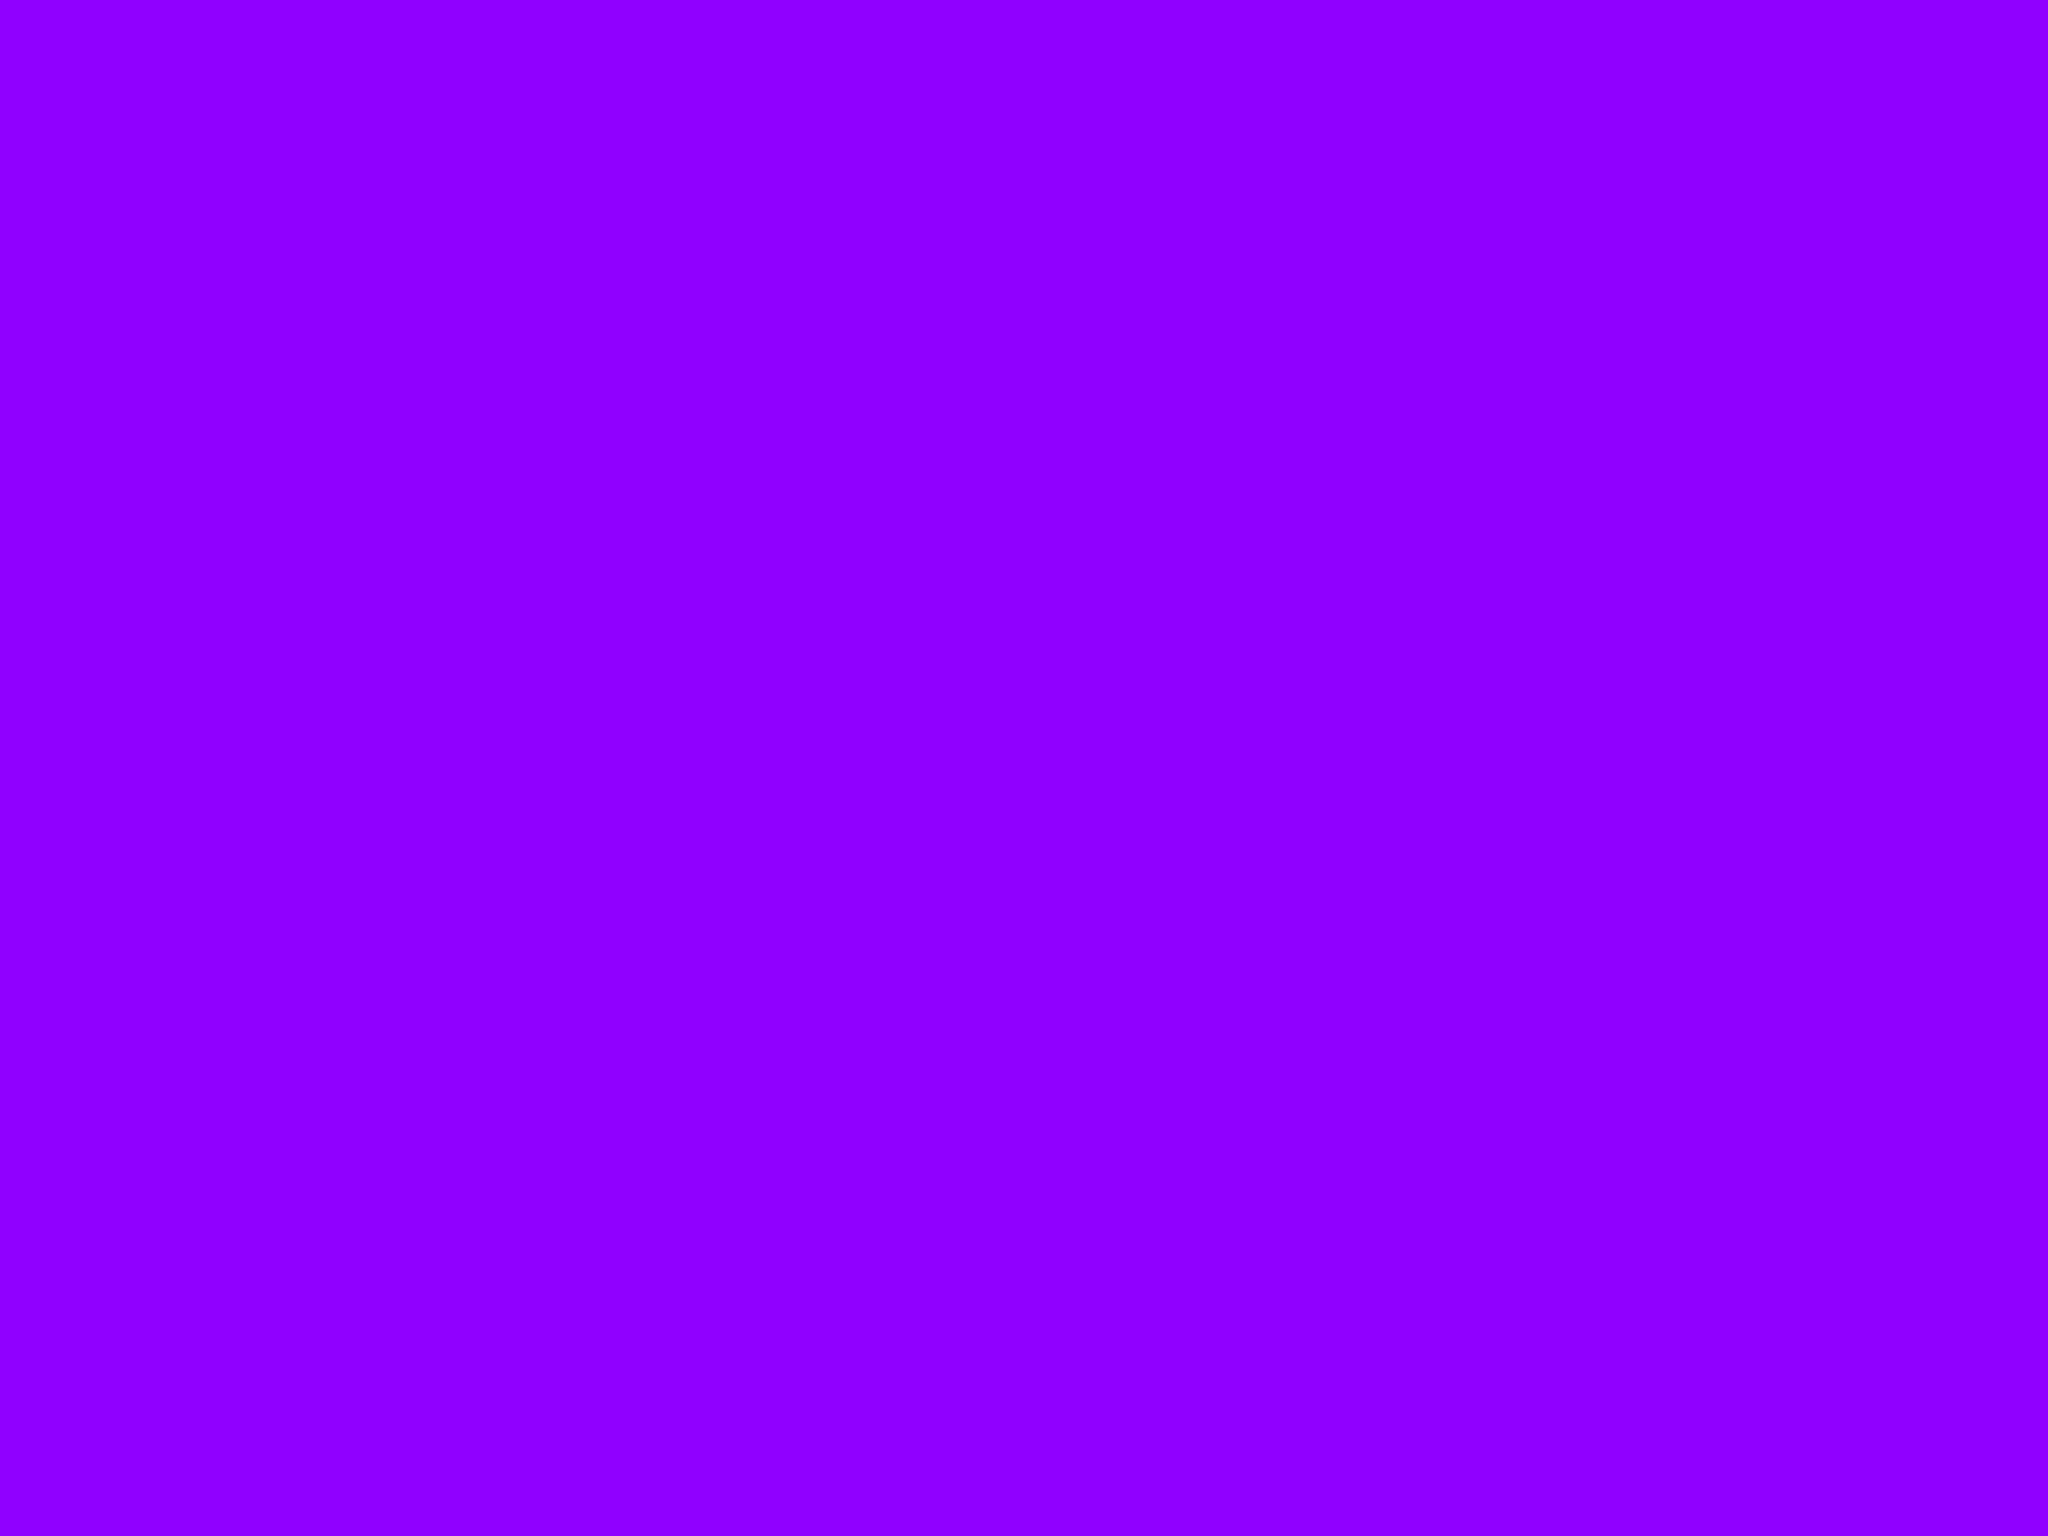 2048x1536 Violet Solid Color Background